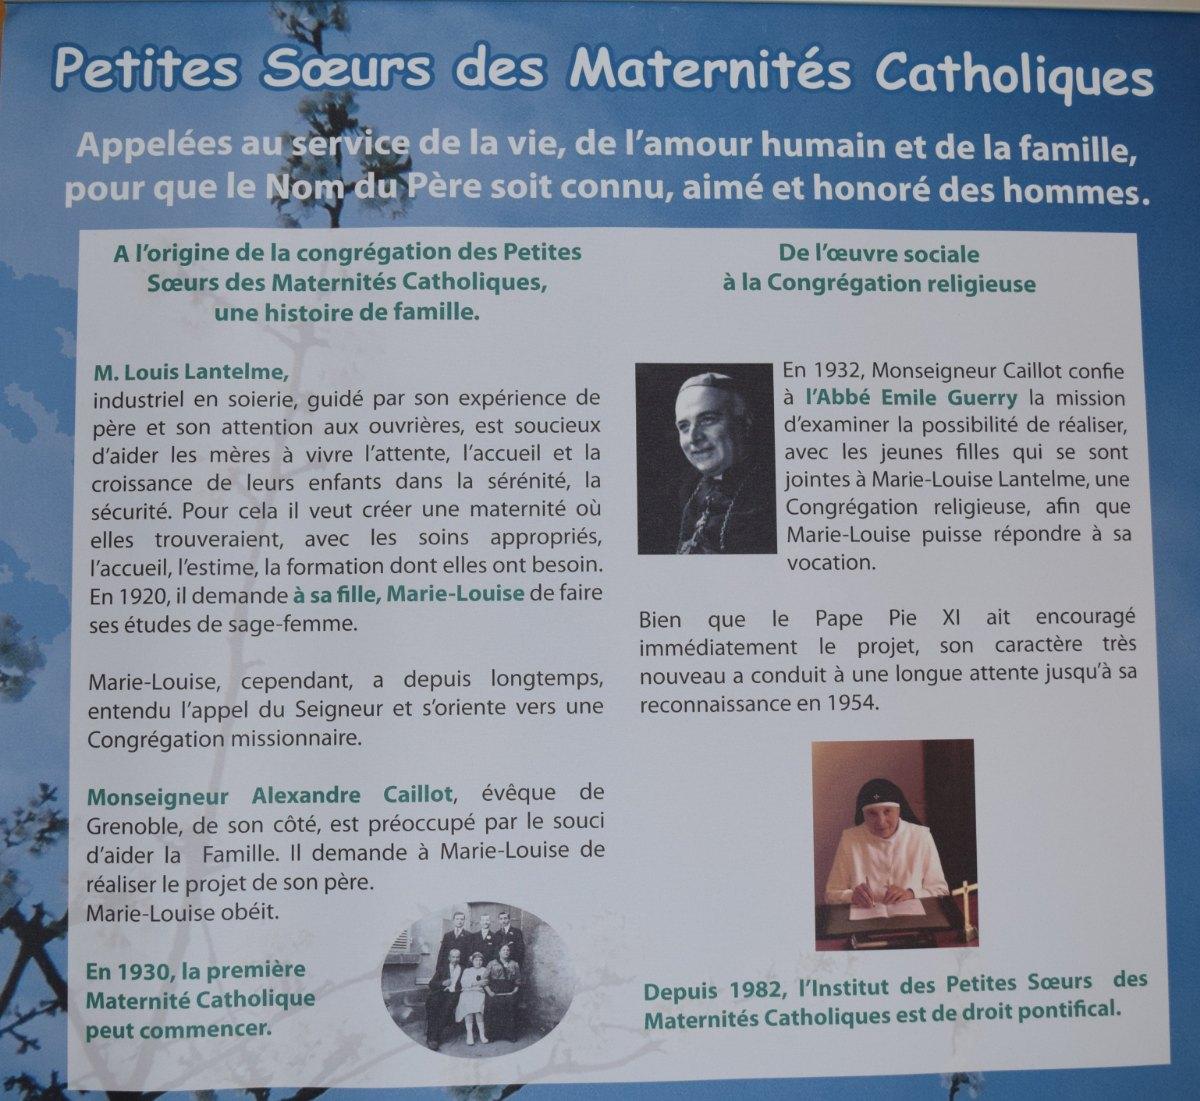 Petites Sœurs des Maternités Catholiques